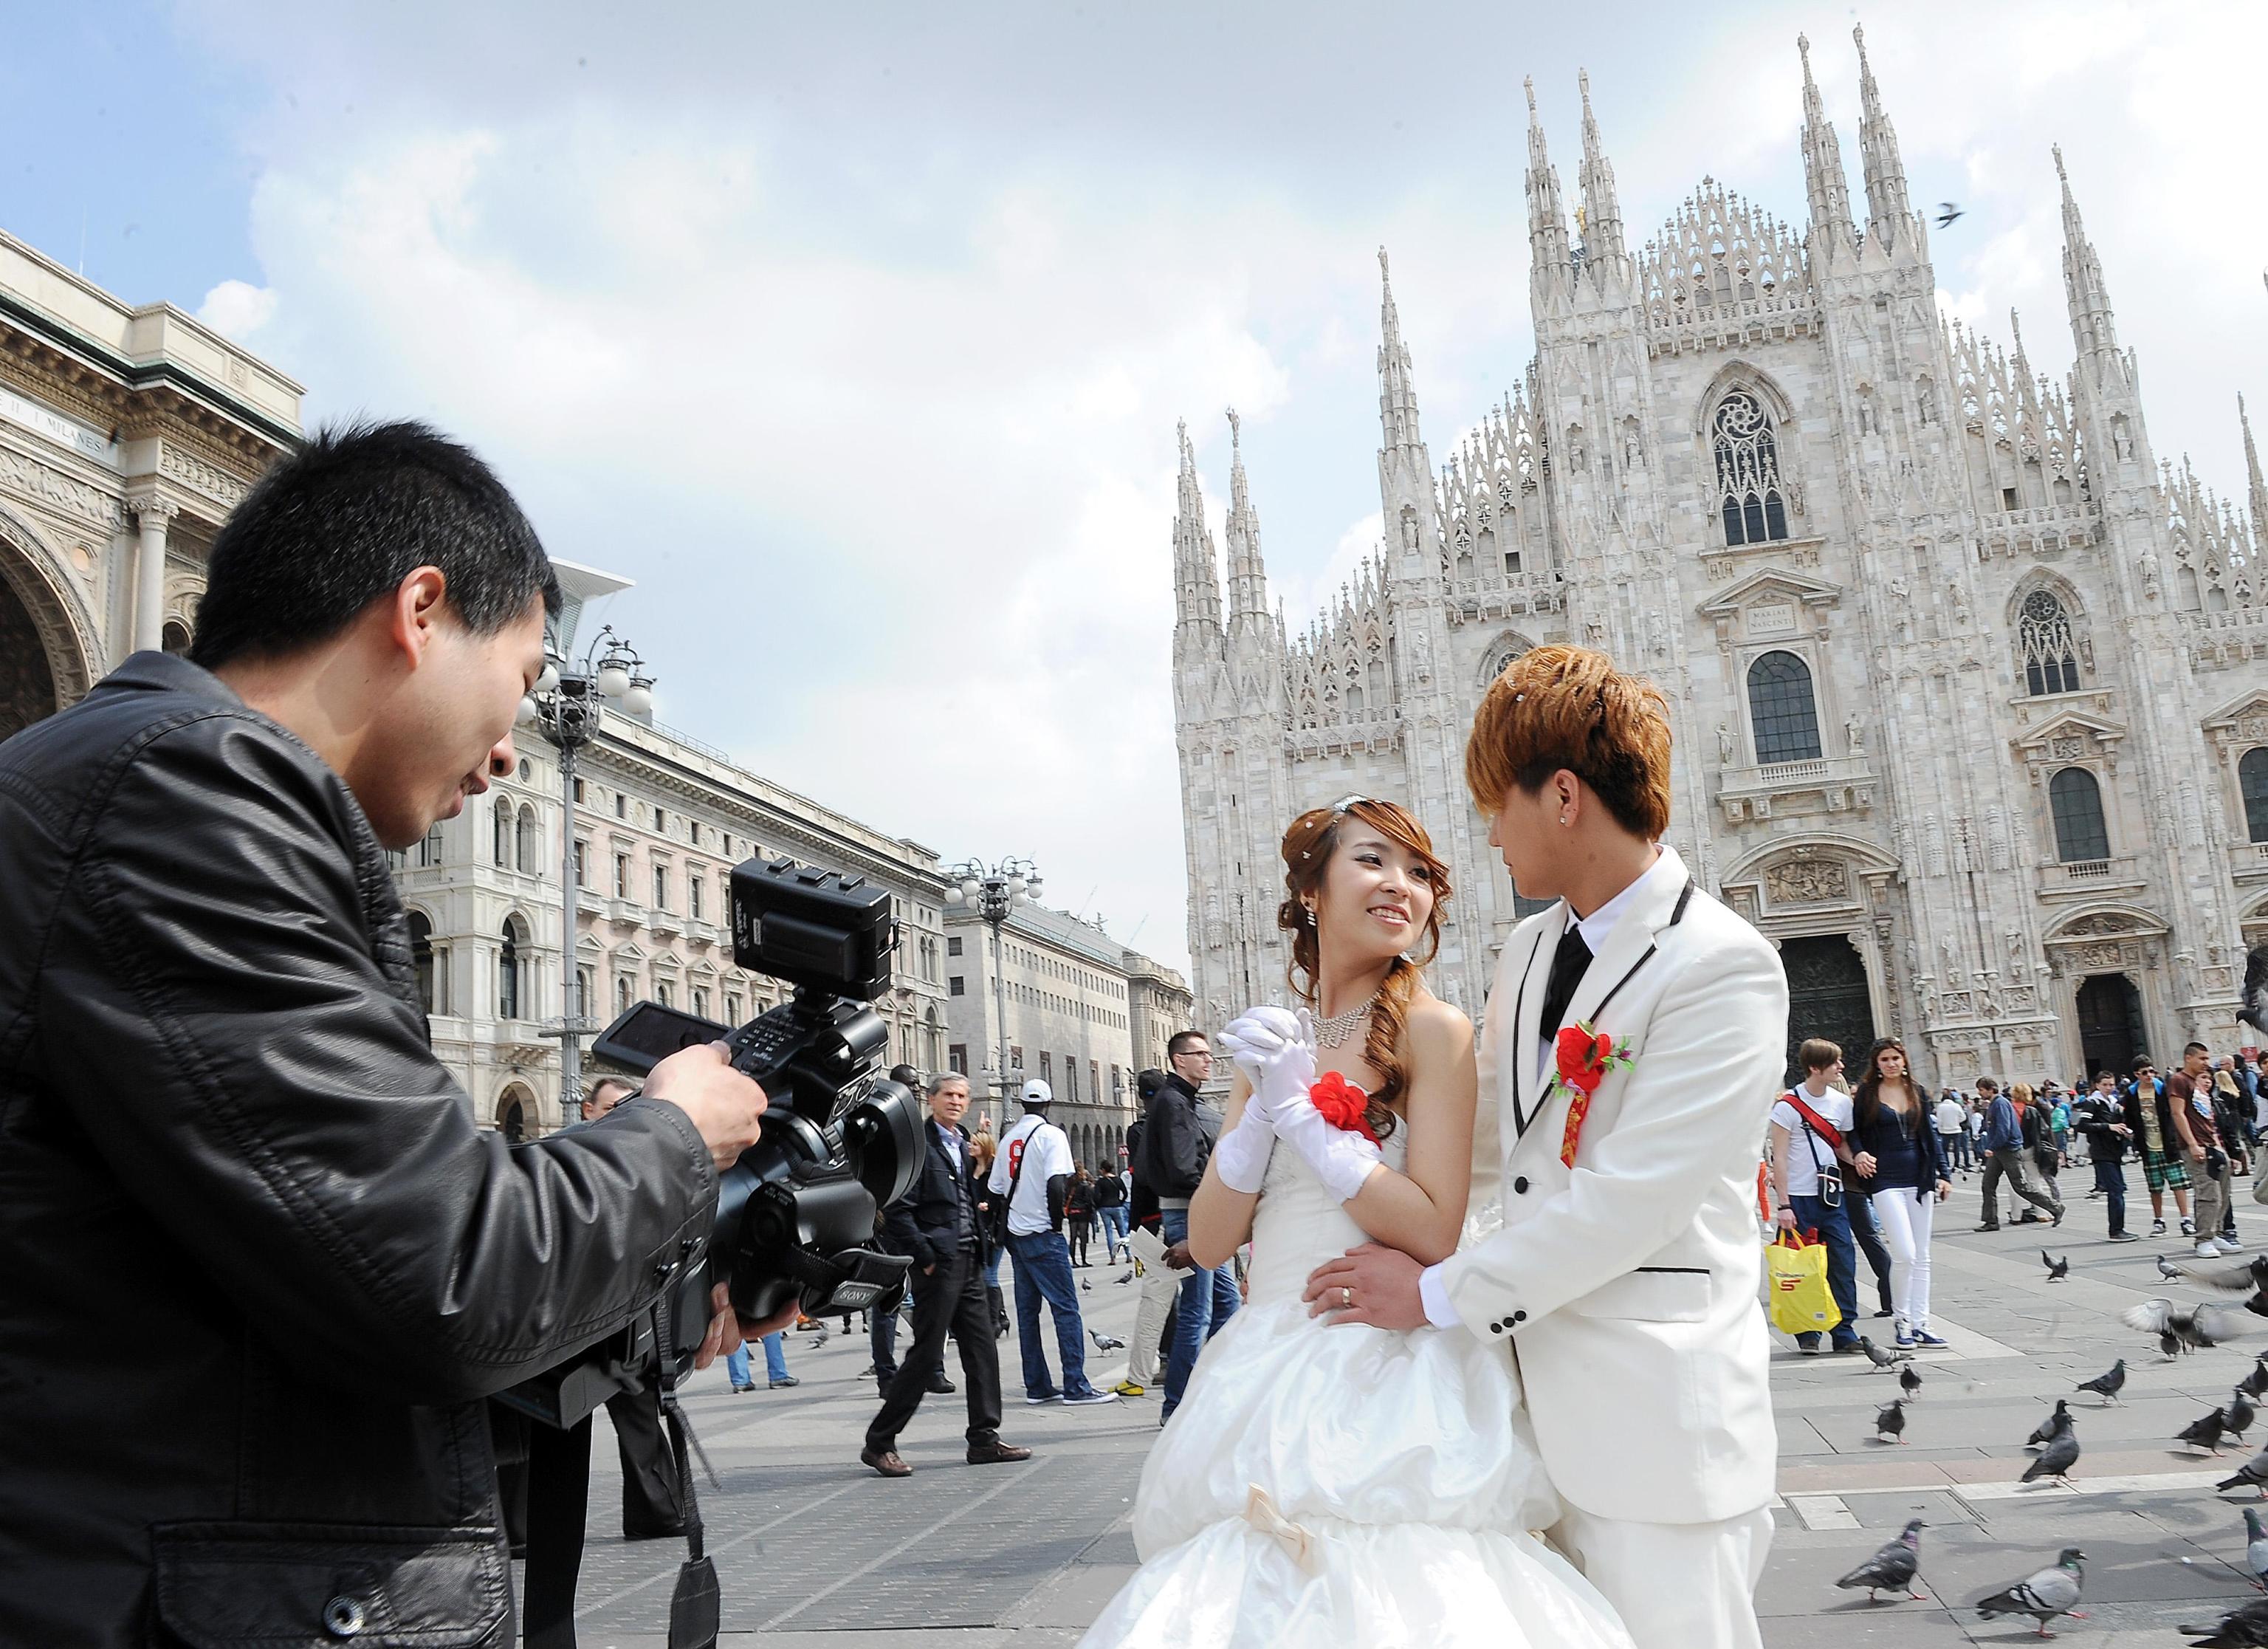 Una coppia di neo sposi cinesi approfitta della giornata relativamente soleggiata per una sessione di foto ricordo in piazza Duomo a Milano